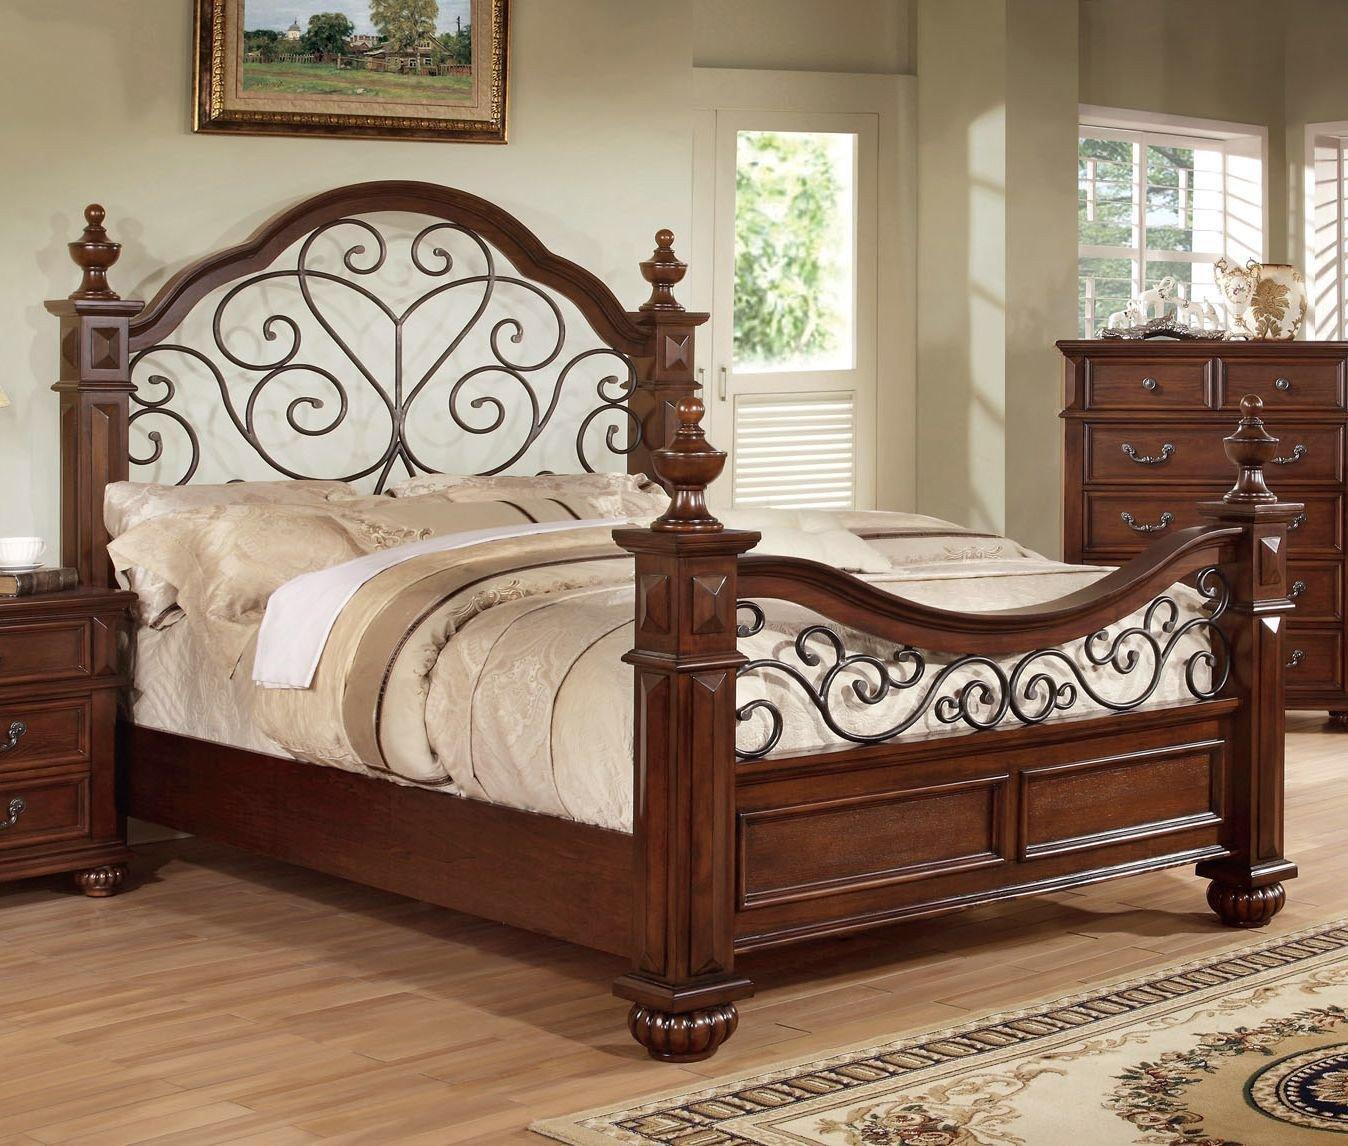 Queen Size Bedroom Set Elegant Lorrenzia Platform Configurable Bedroom Set